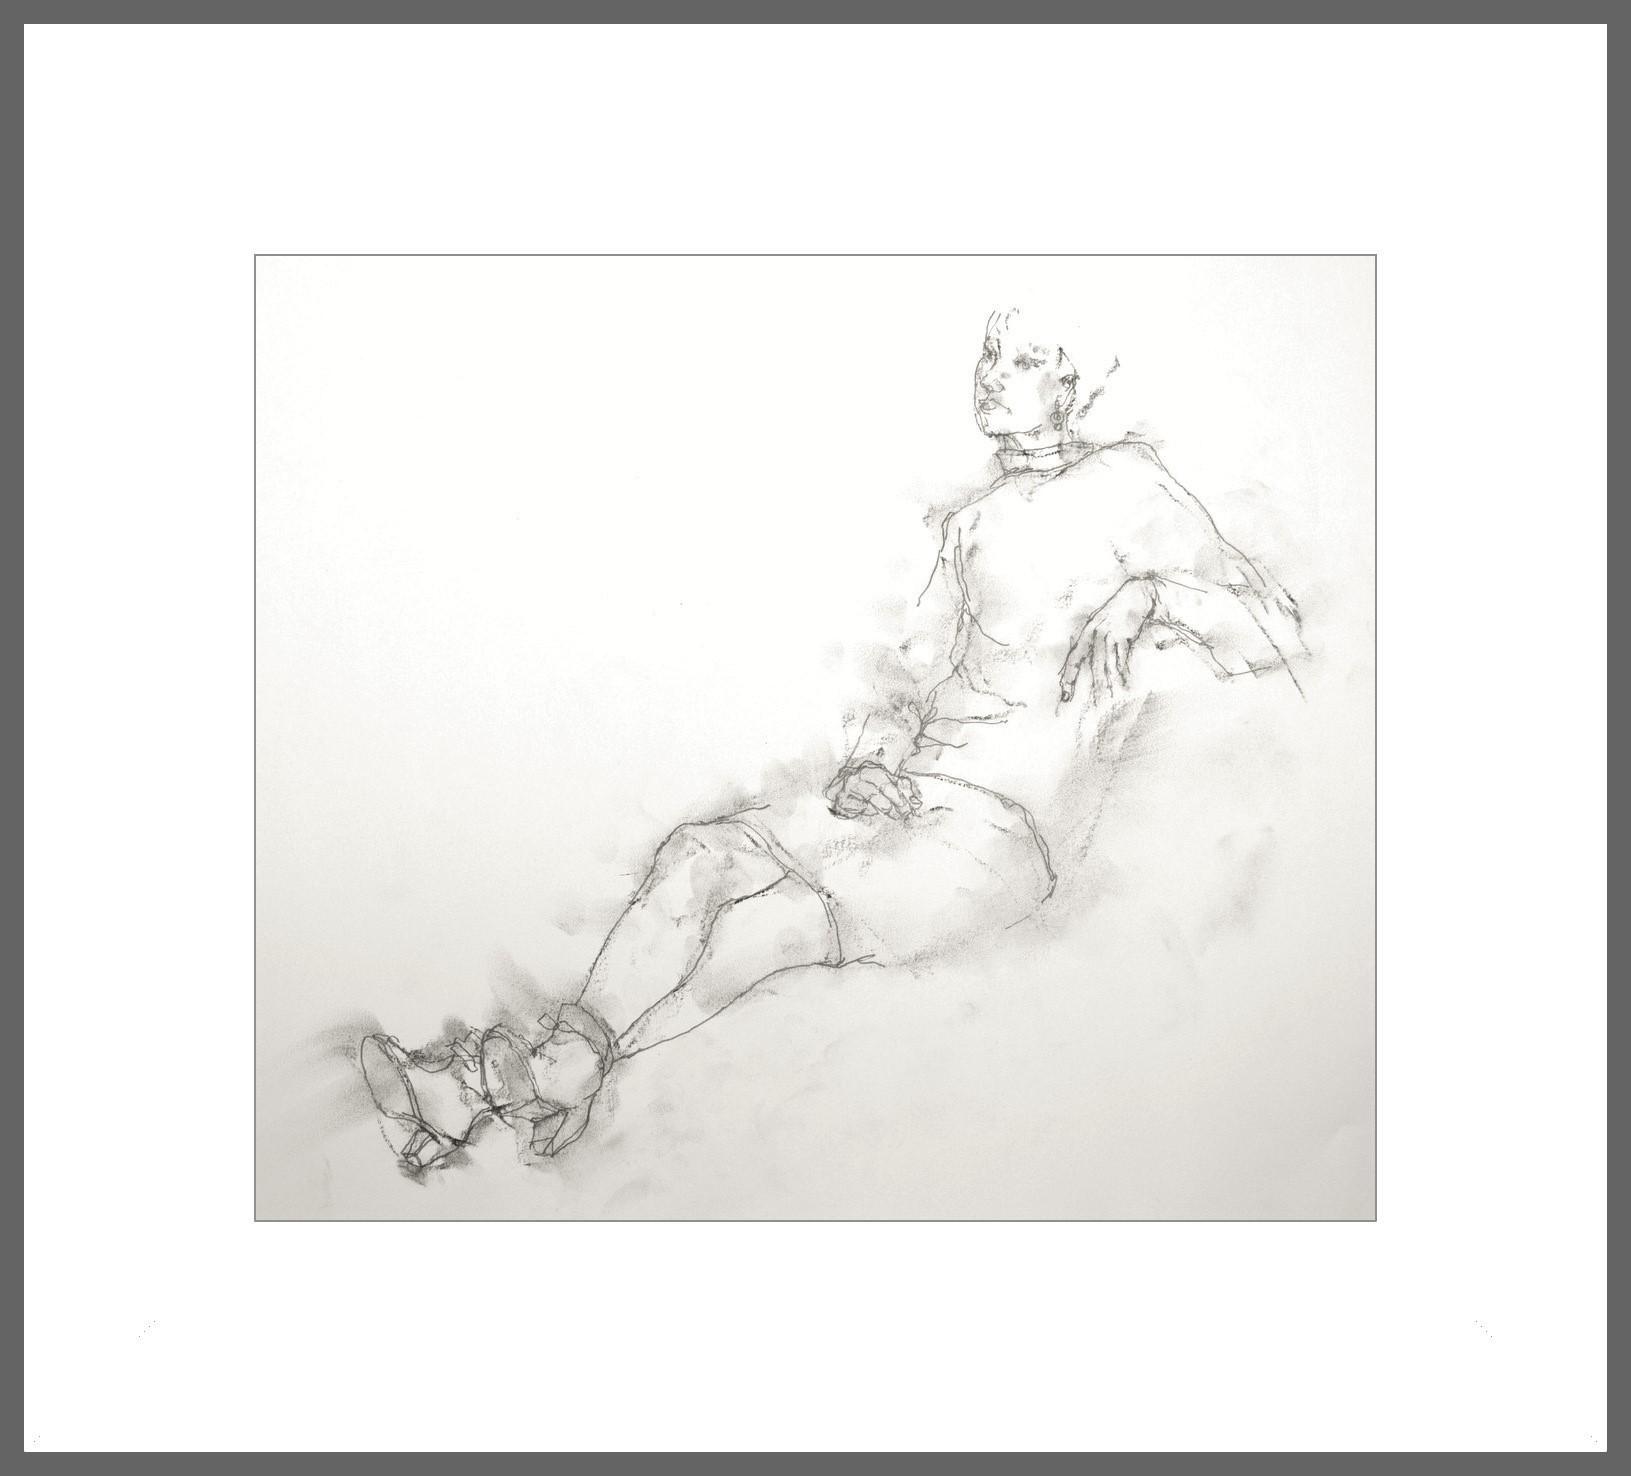 《 素描・・・「ブーツを履いて足をなげだす女」 》_f0159856_10314306.jpg